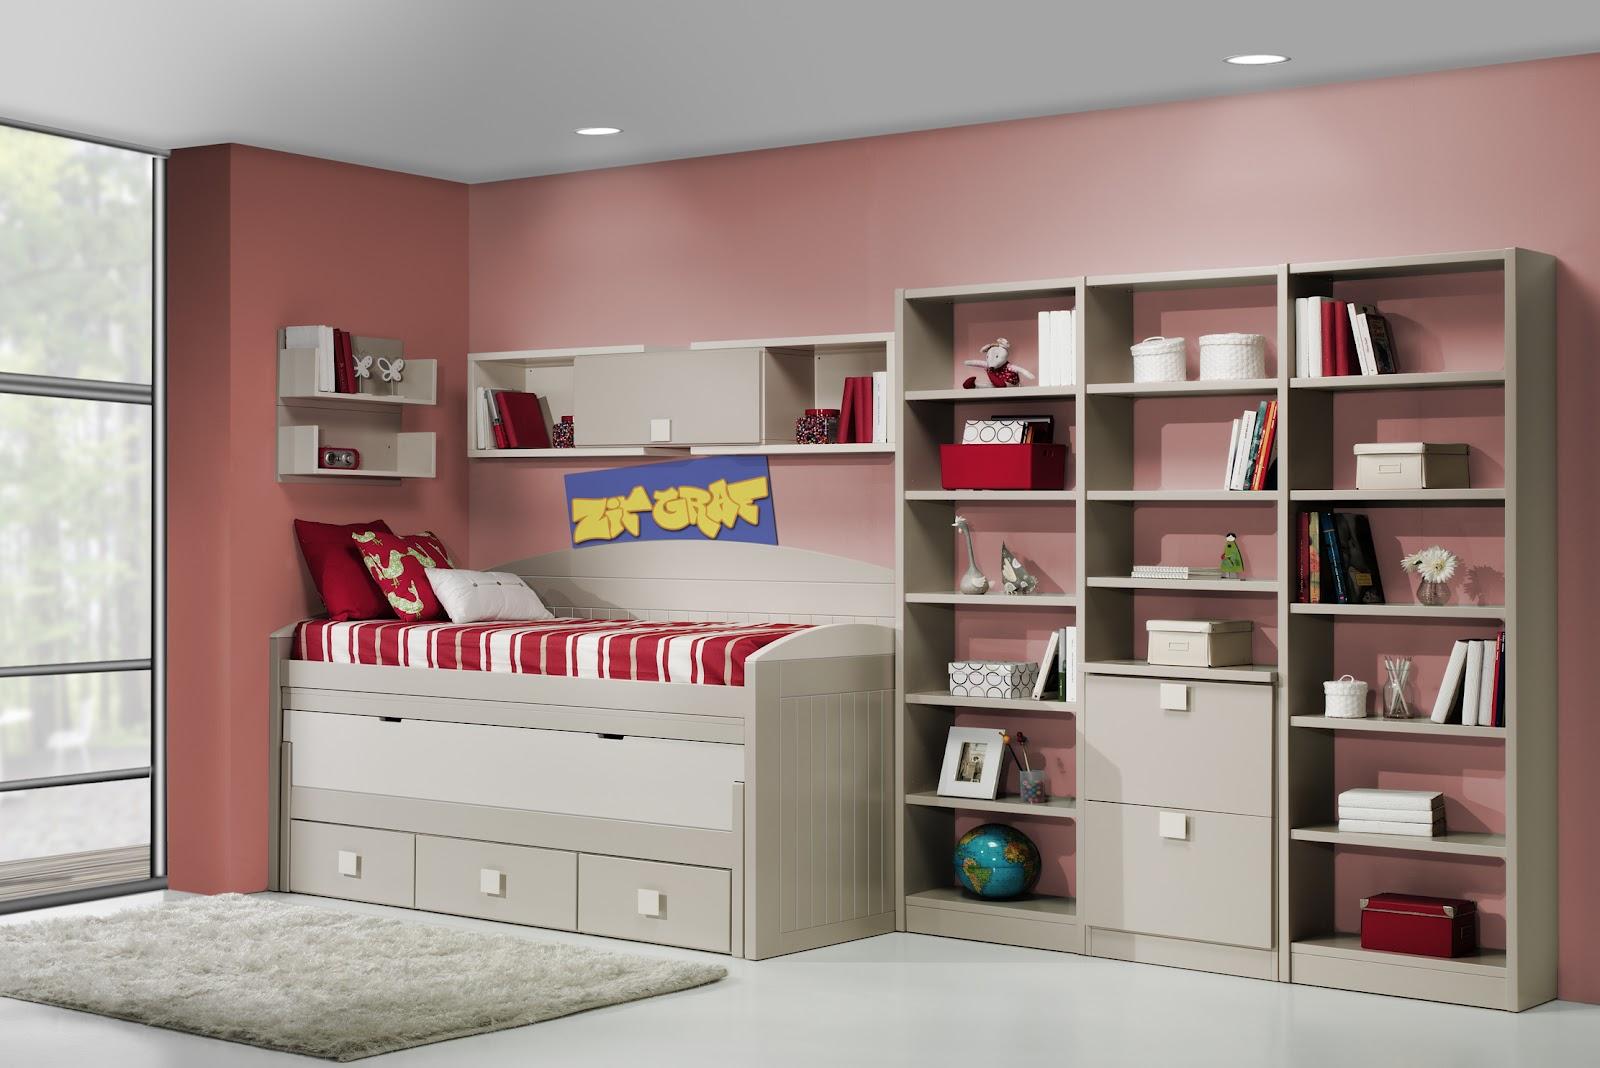 Dormitorios habitaciones juveniles e infantiles lacadas - Habitaciones modulares juveniles ...